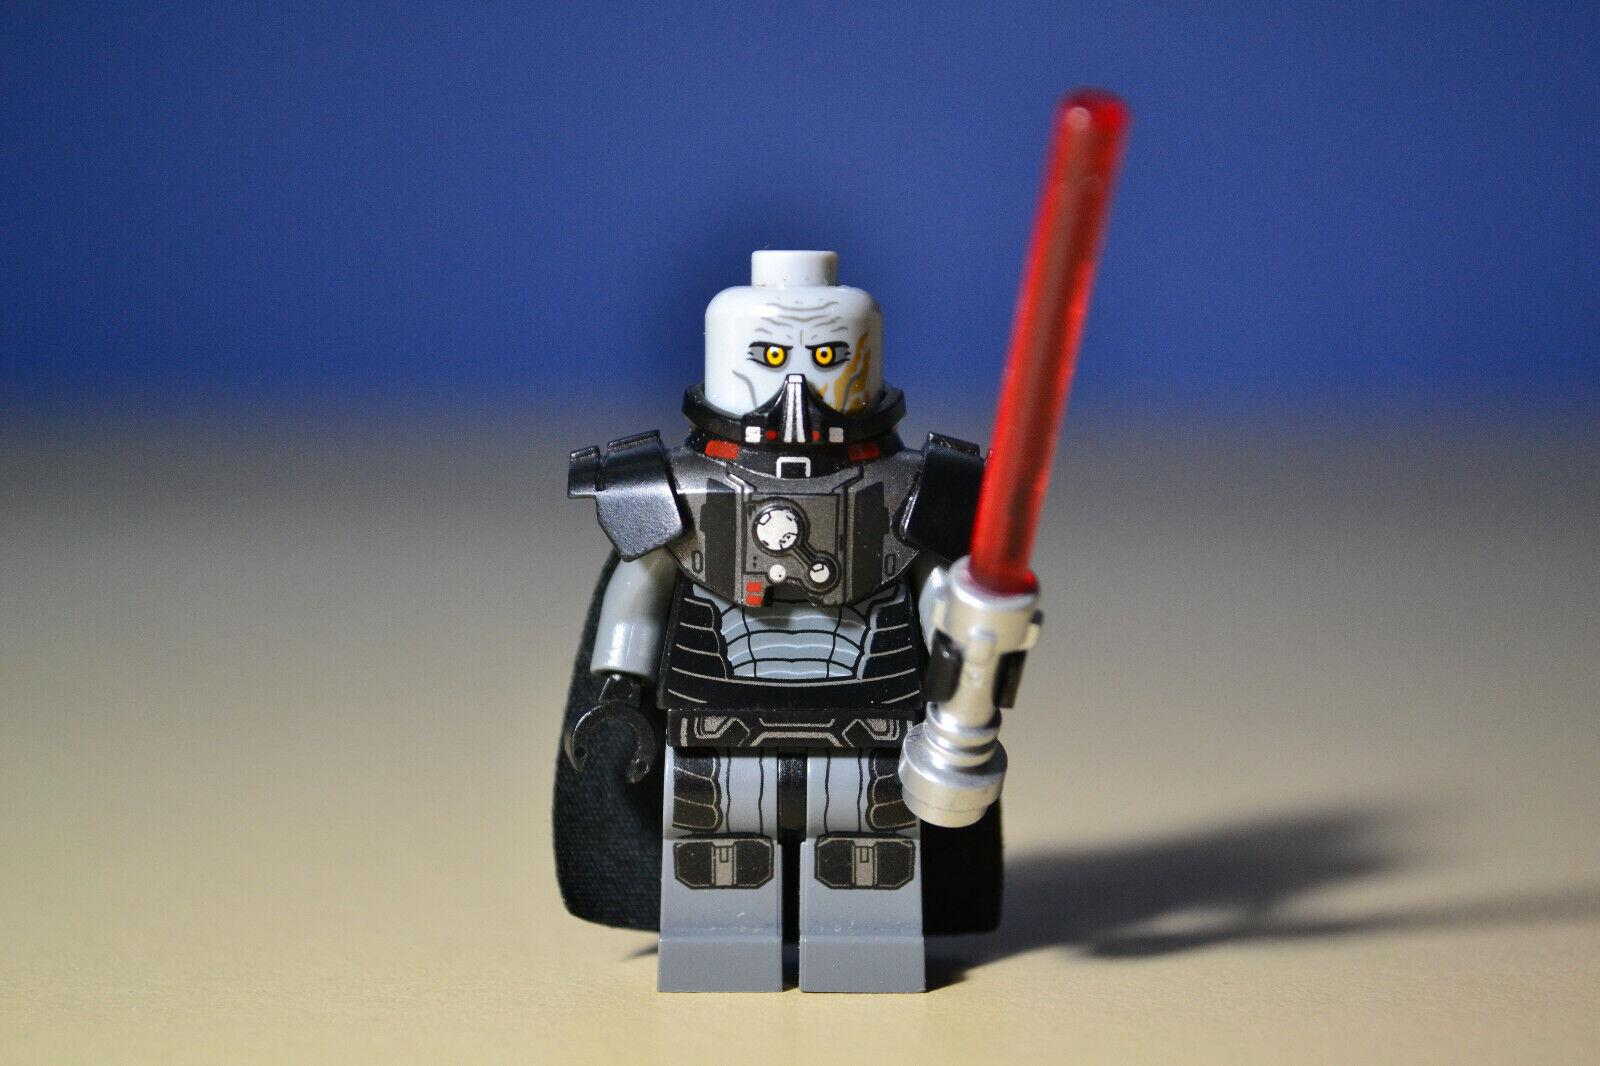 Figurine Star Wars Darth Malgus Sith Fury Interceptor sw413 9500 NEW Lego